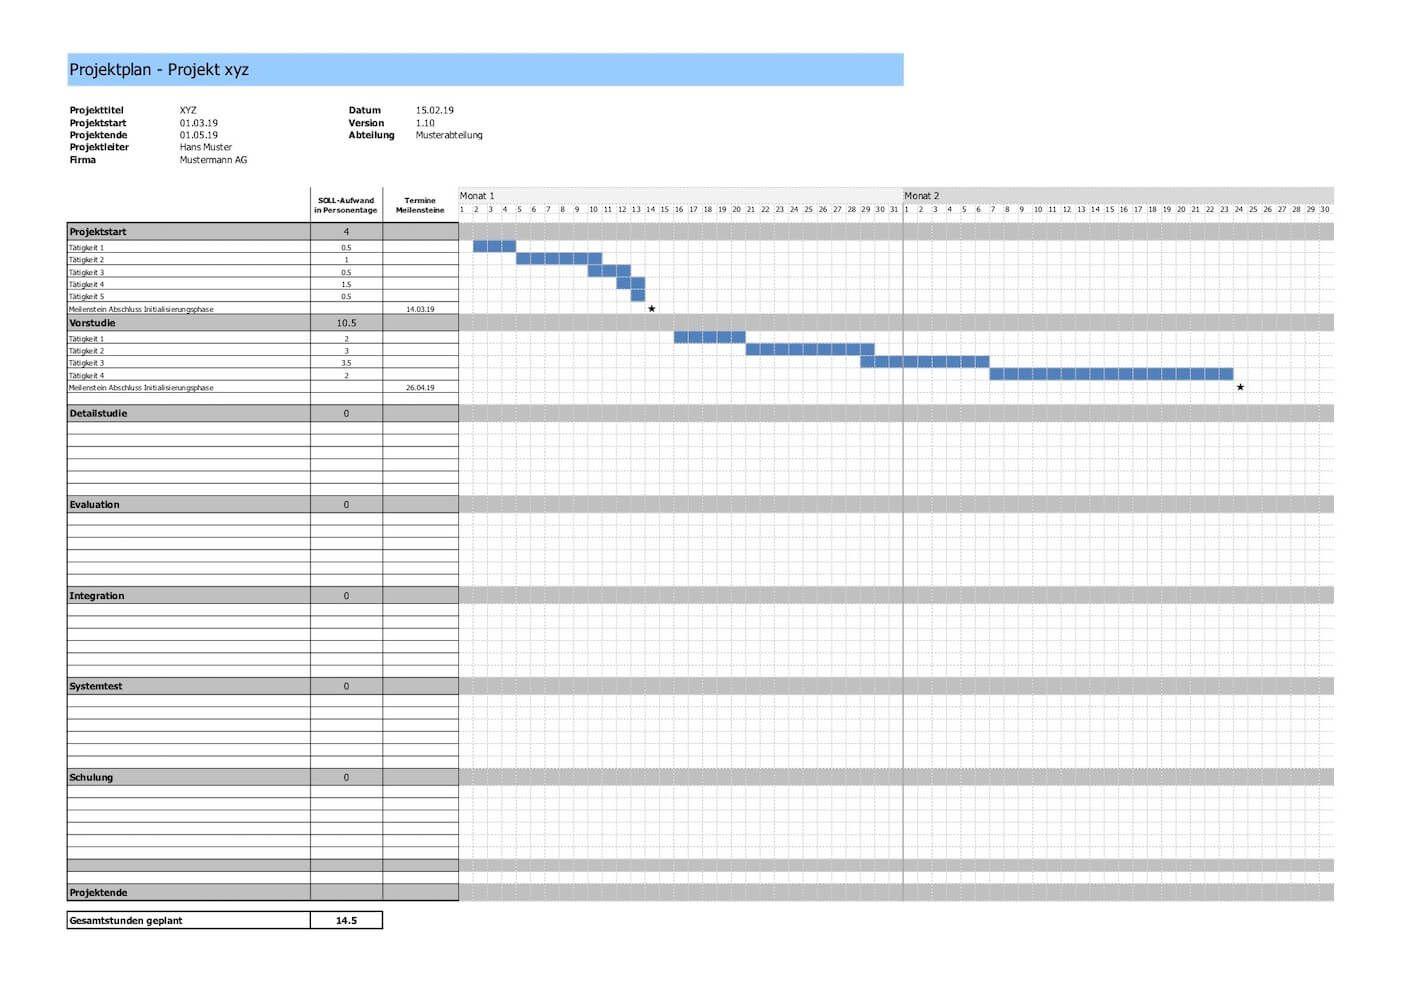 Projektplan Vorlage Im Excel Format In 2020 Projektplan Vorlage Vorlagen Planer